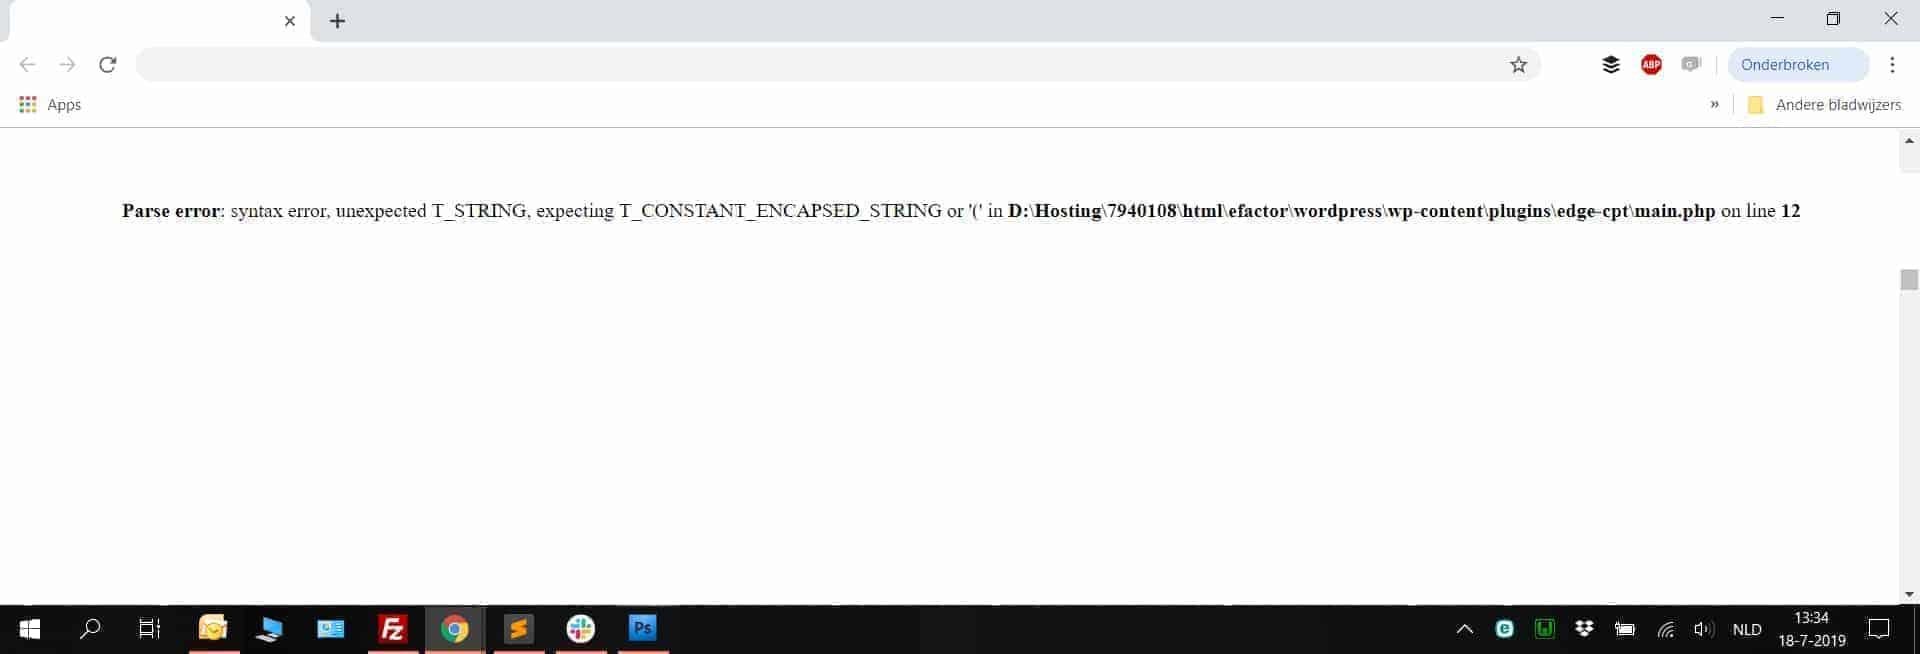 Afbeelding van een 'Parse/Syntax' Foutmelding in WordPress